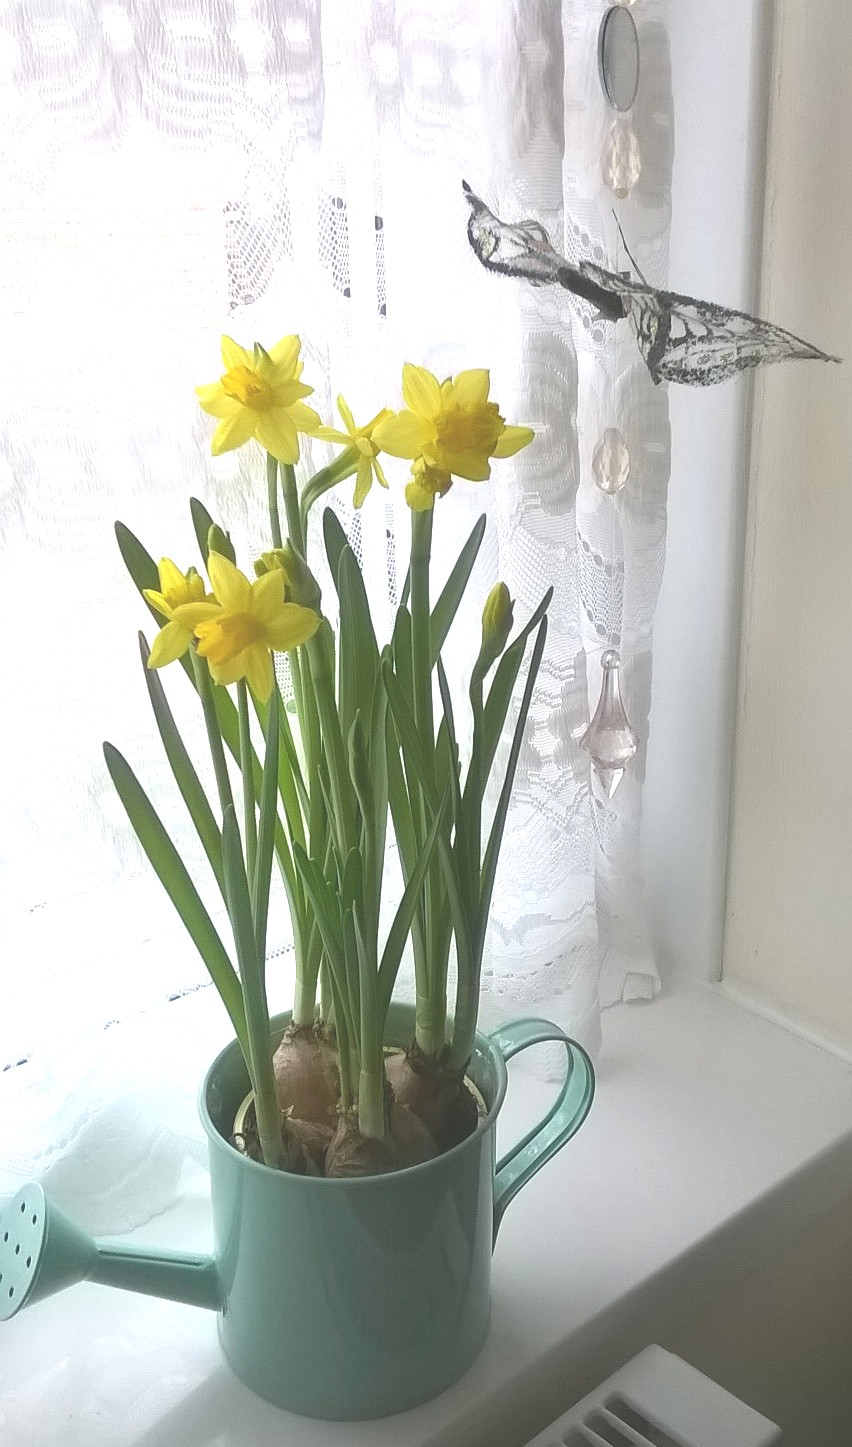 Doorstep Daffodils